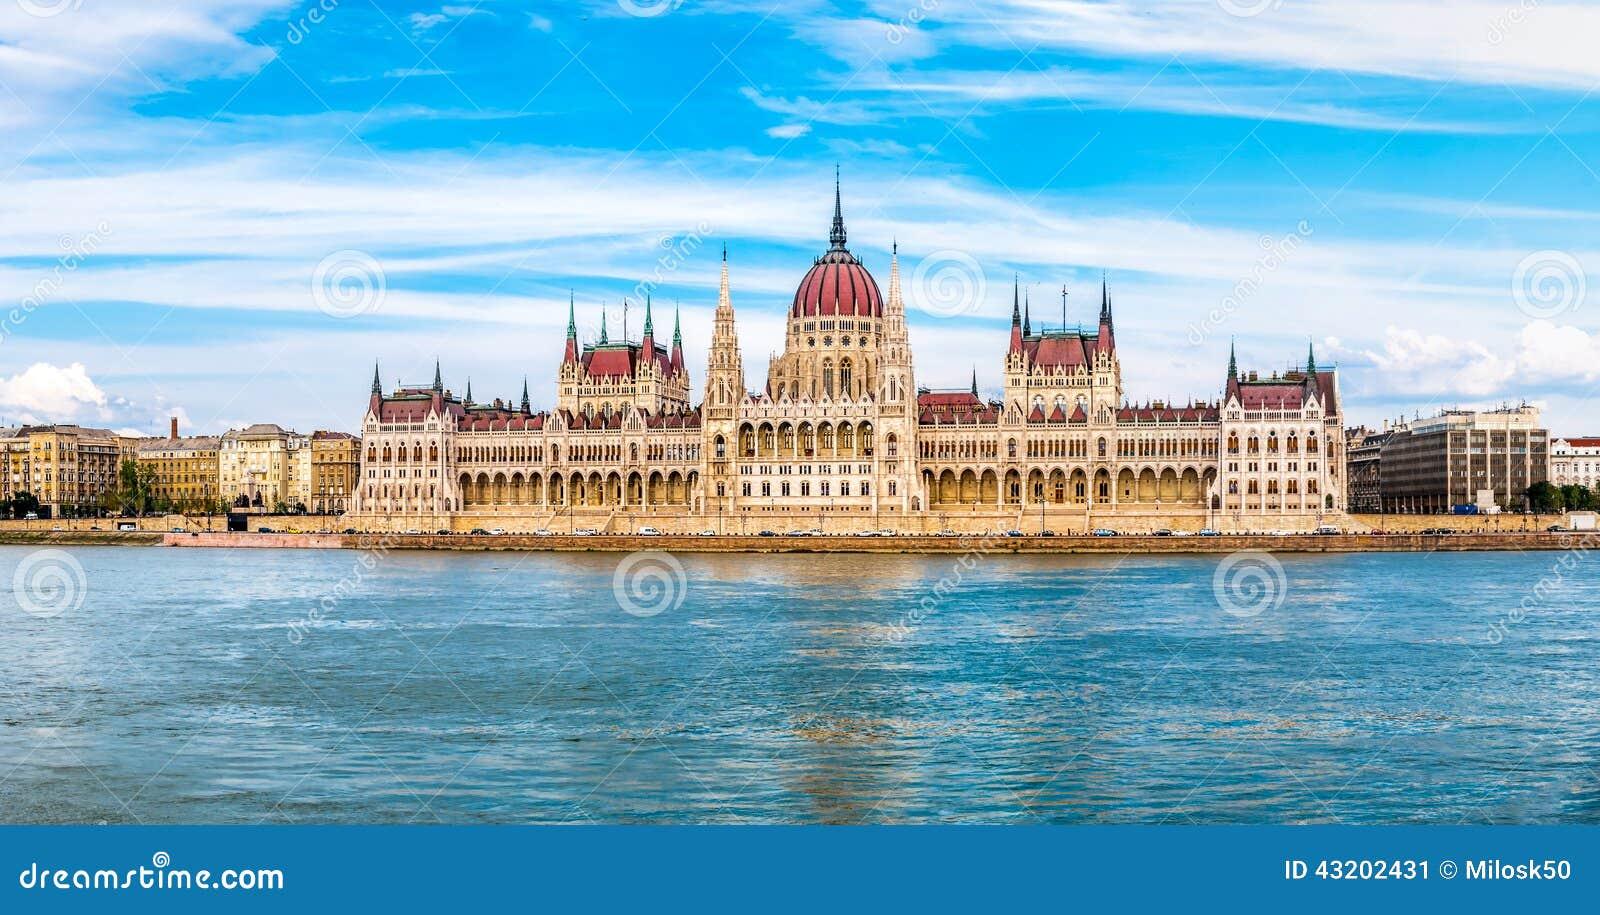 Download Panoramasikt På Parlamentet I Budapest Fotografering för Bildbyråer - Bild av parlament, fotvandra: 43202431